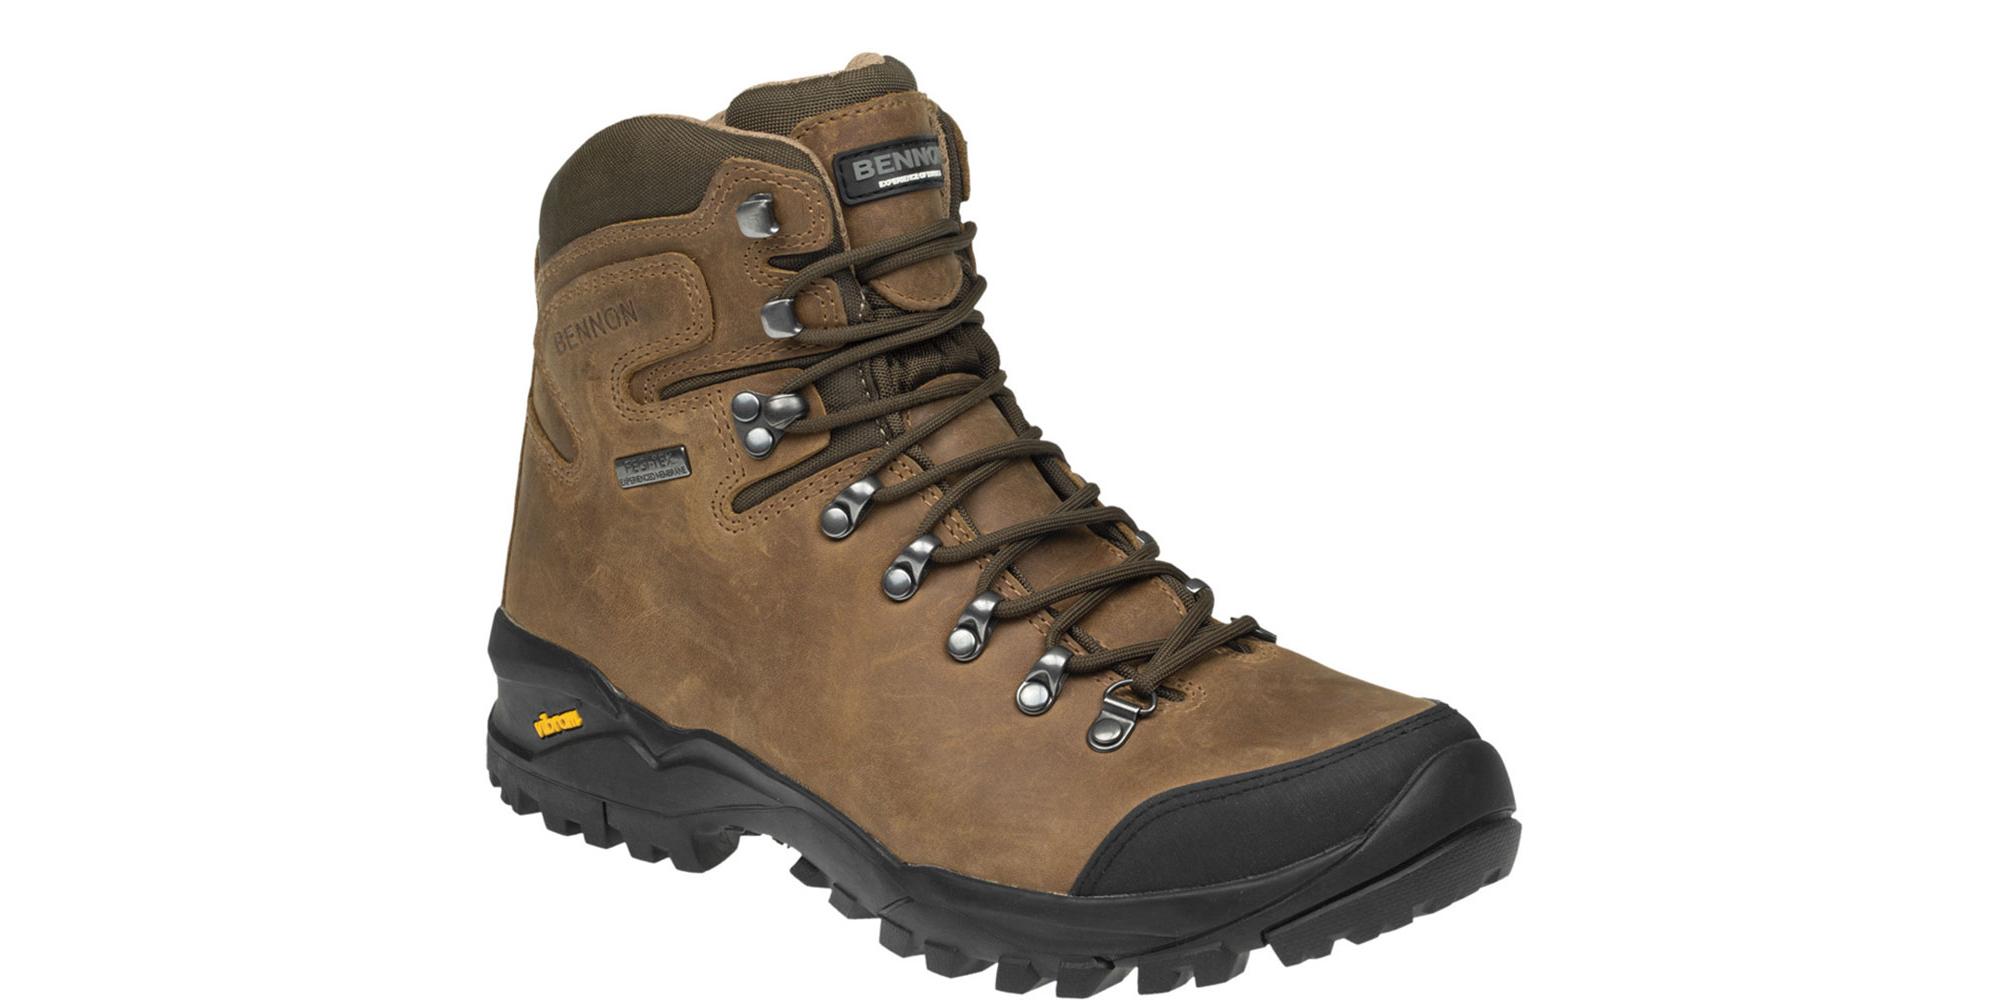 Vyšší trekkingová obuv Bennon Terenno High